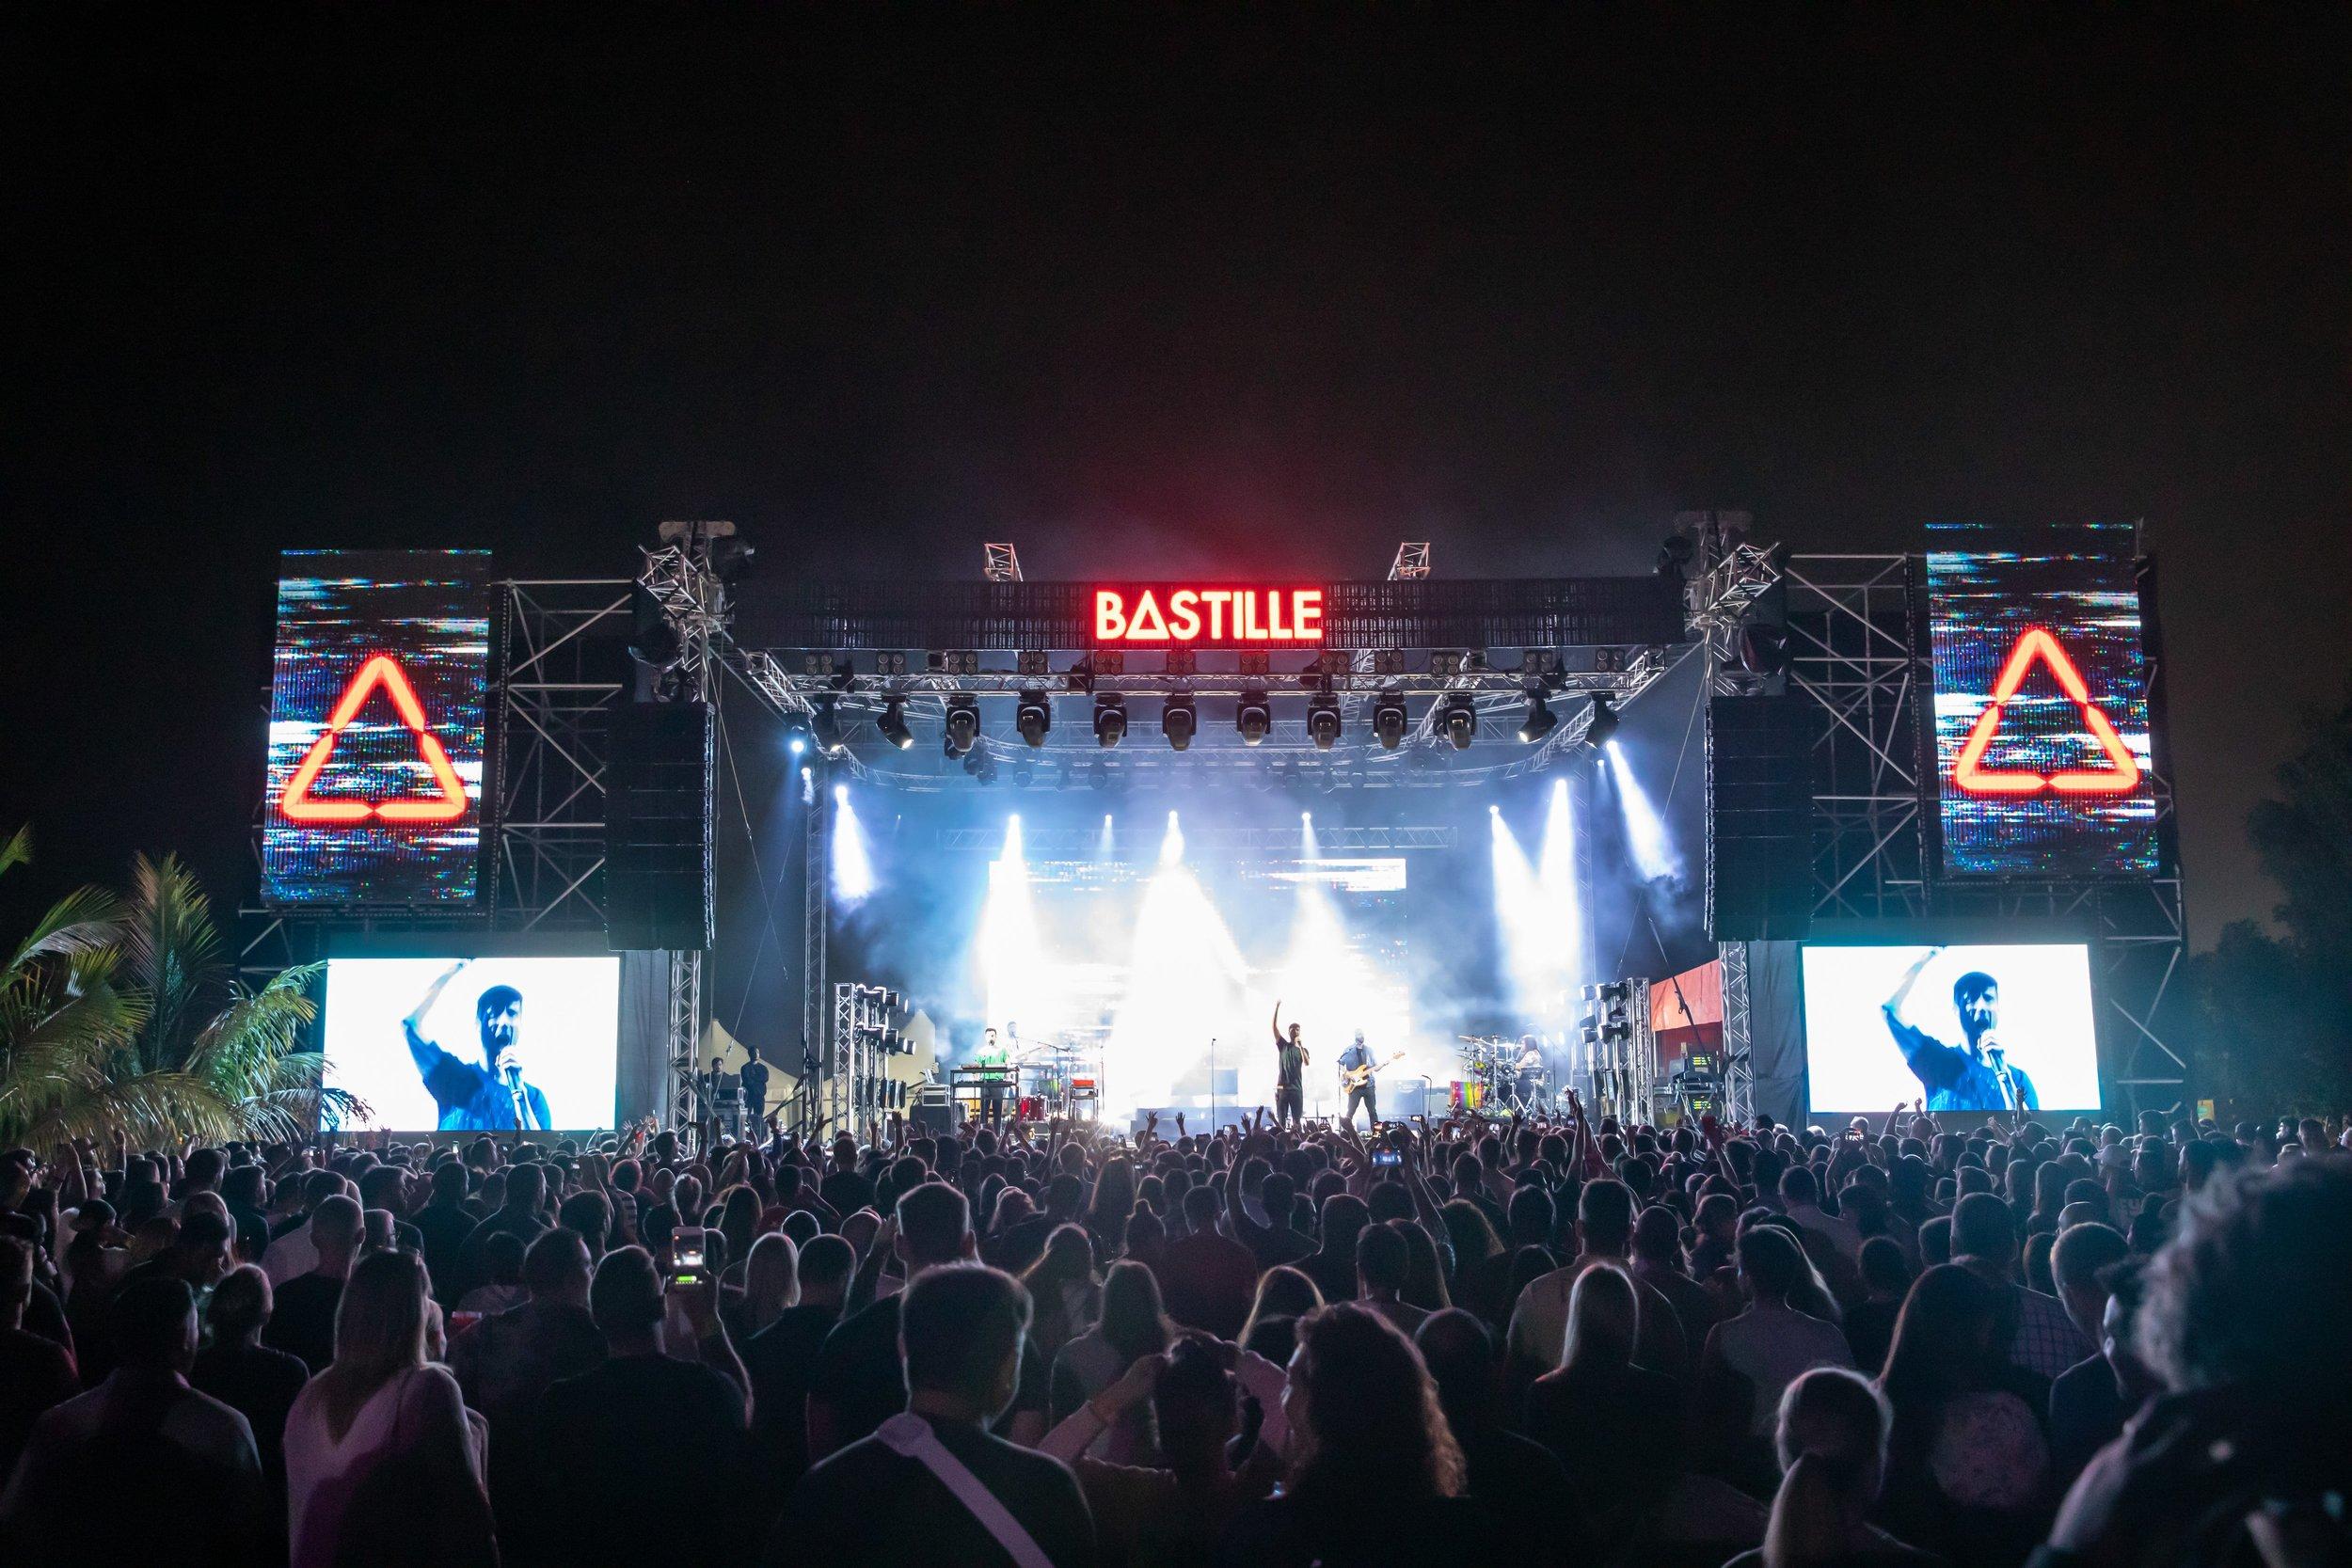 BASTILLE21-min.jpg